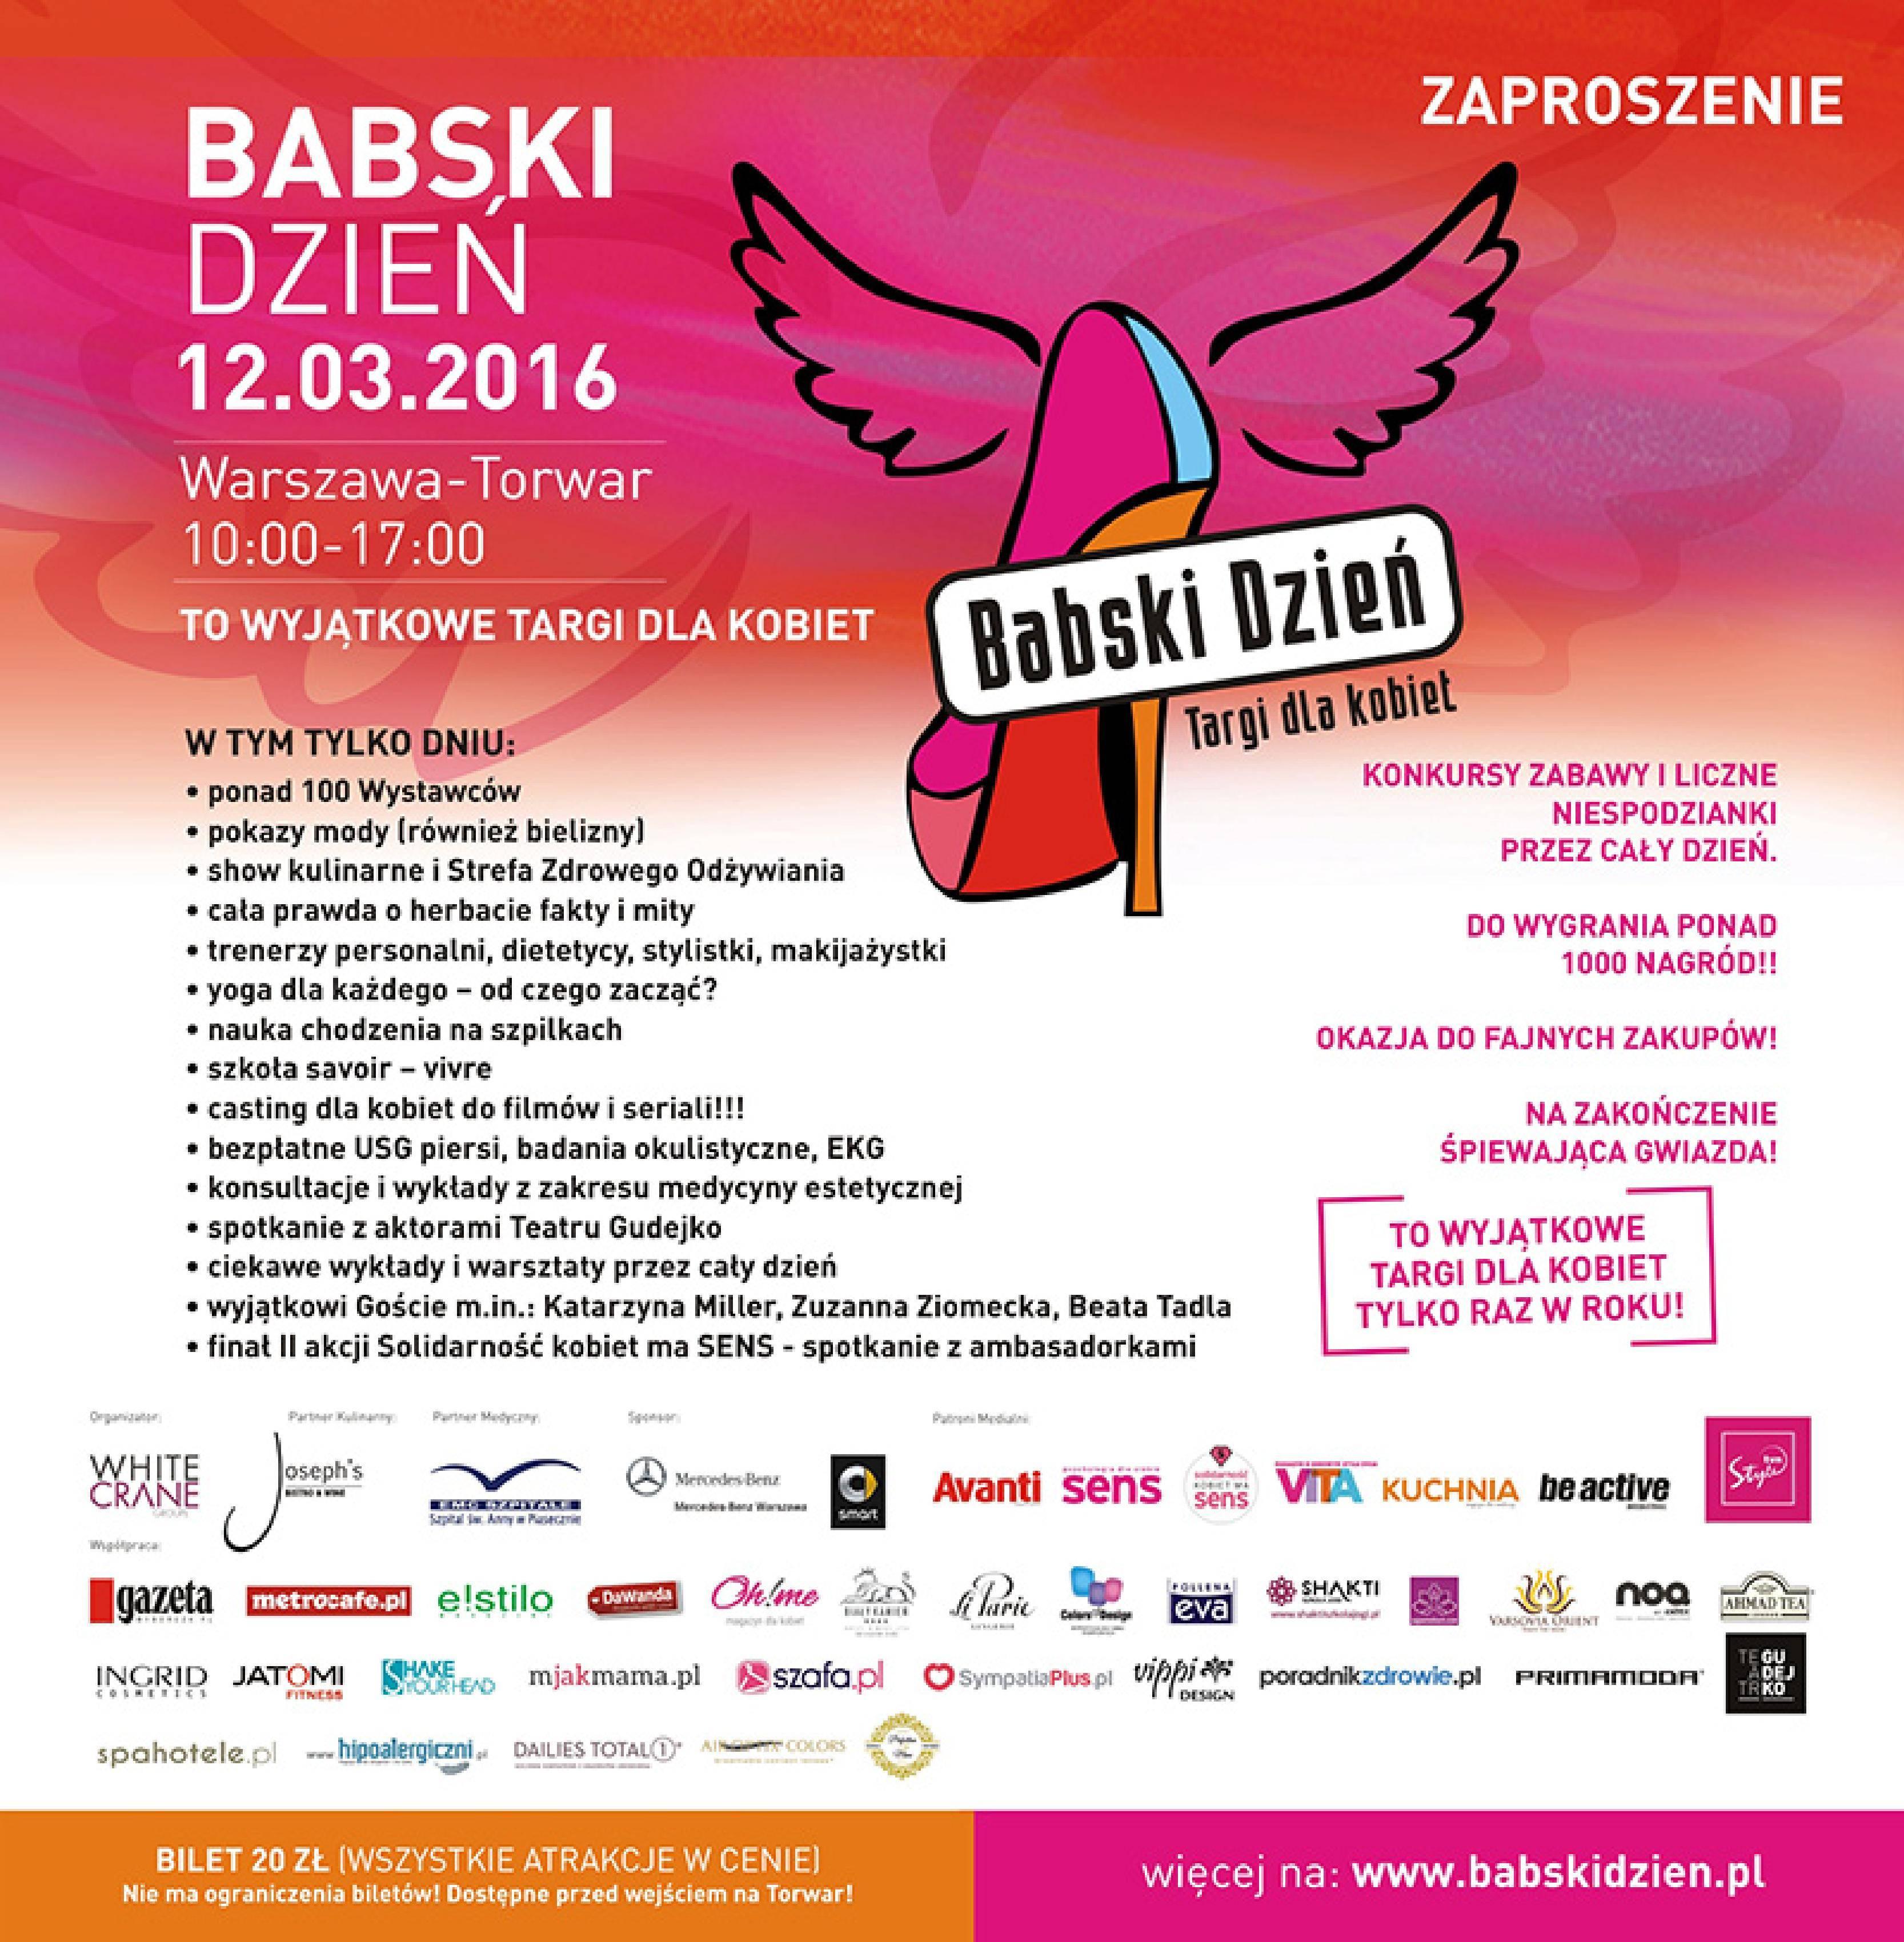 ZAPROSZENIE_BabskiDzien_2016-page-001